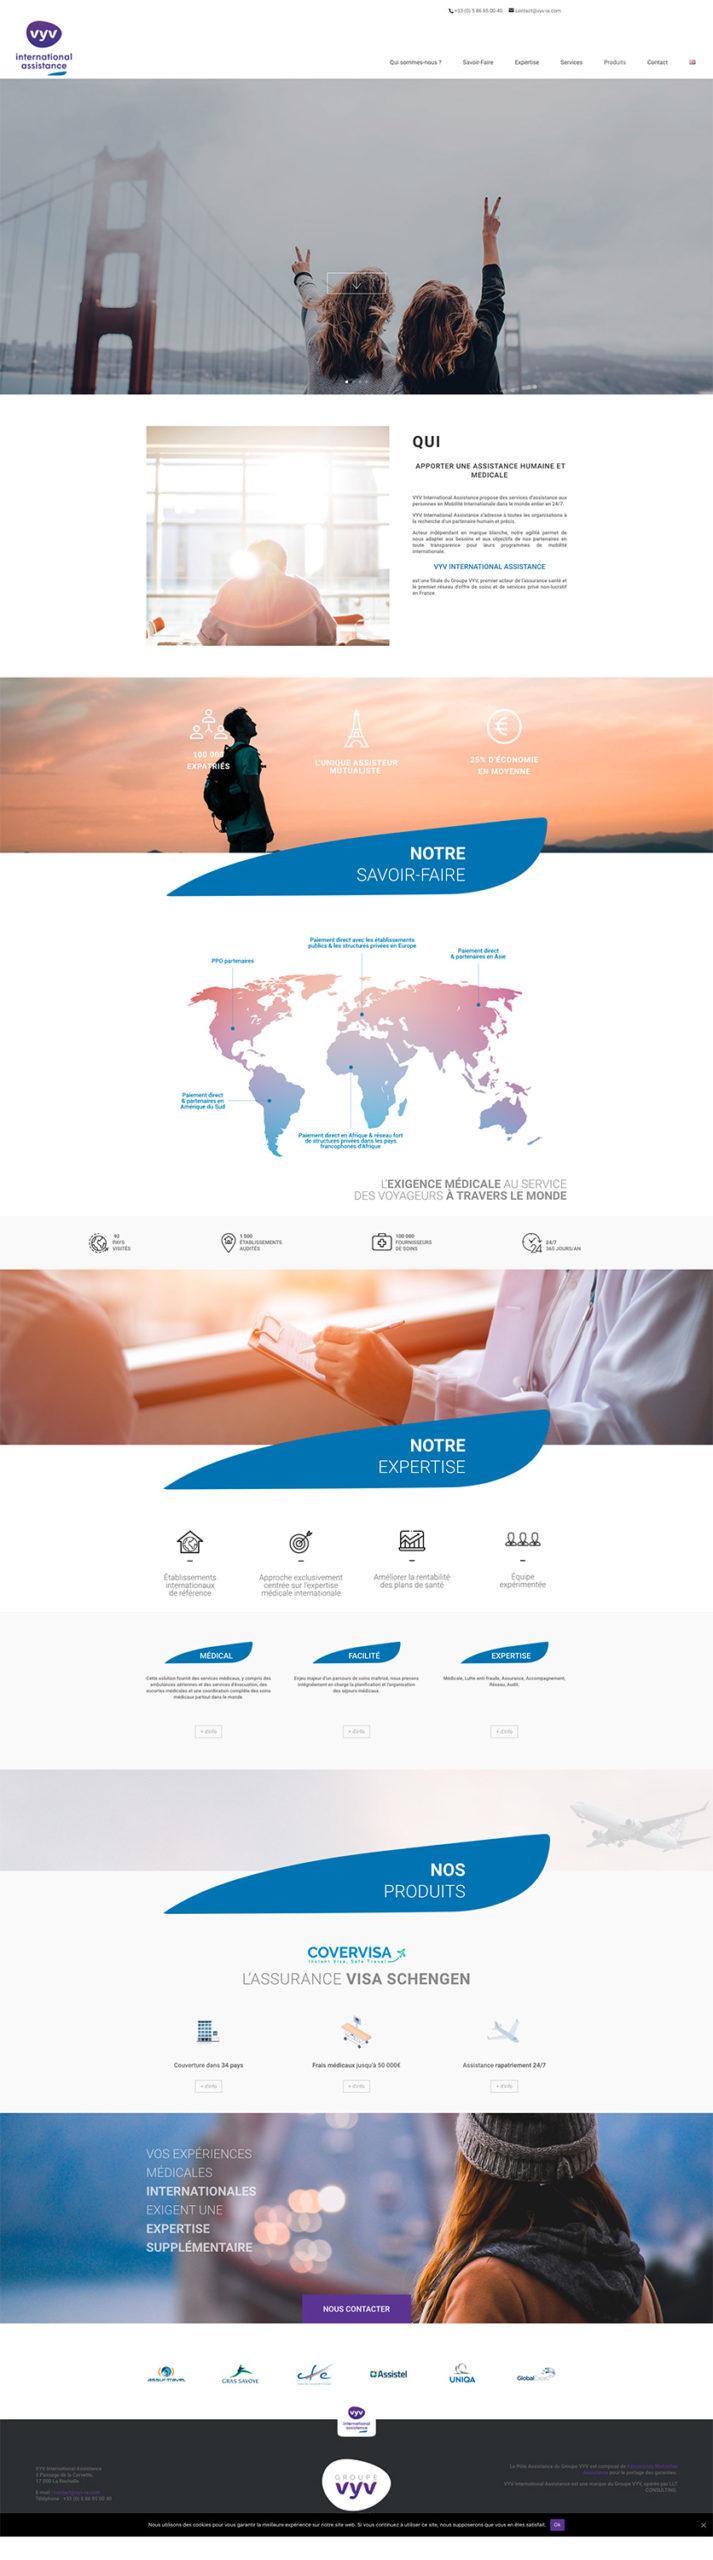 VYV International Assistance